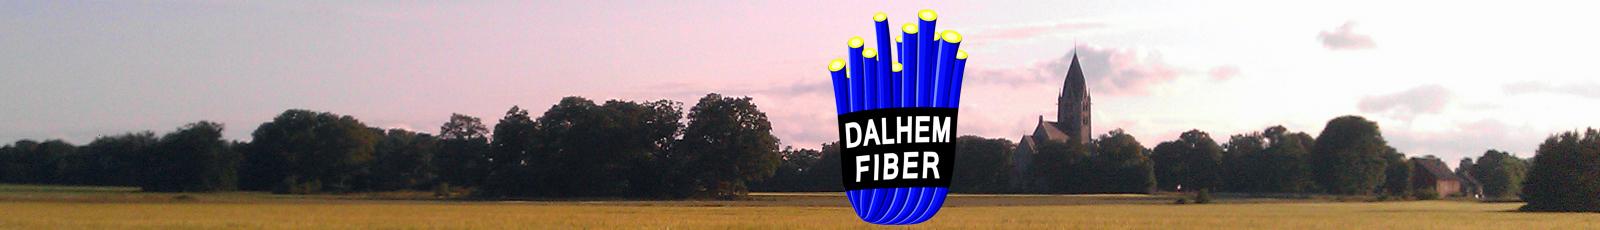 Dalhem Fiber